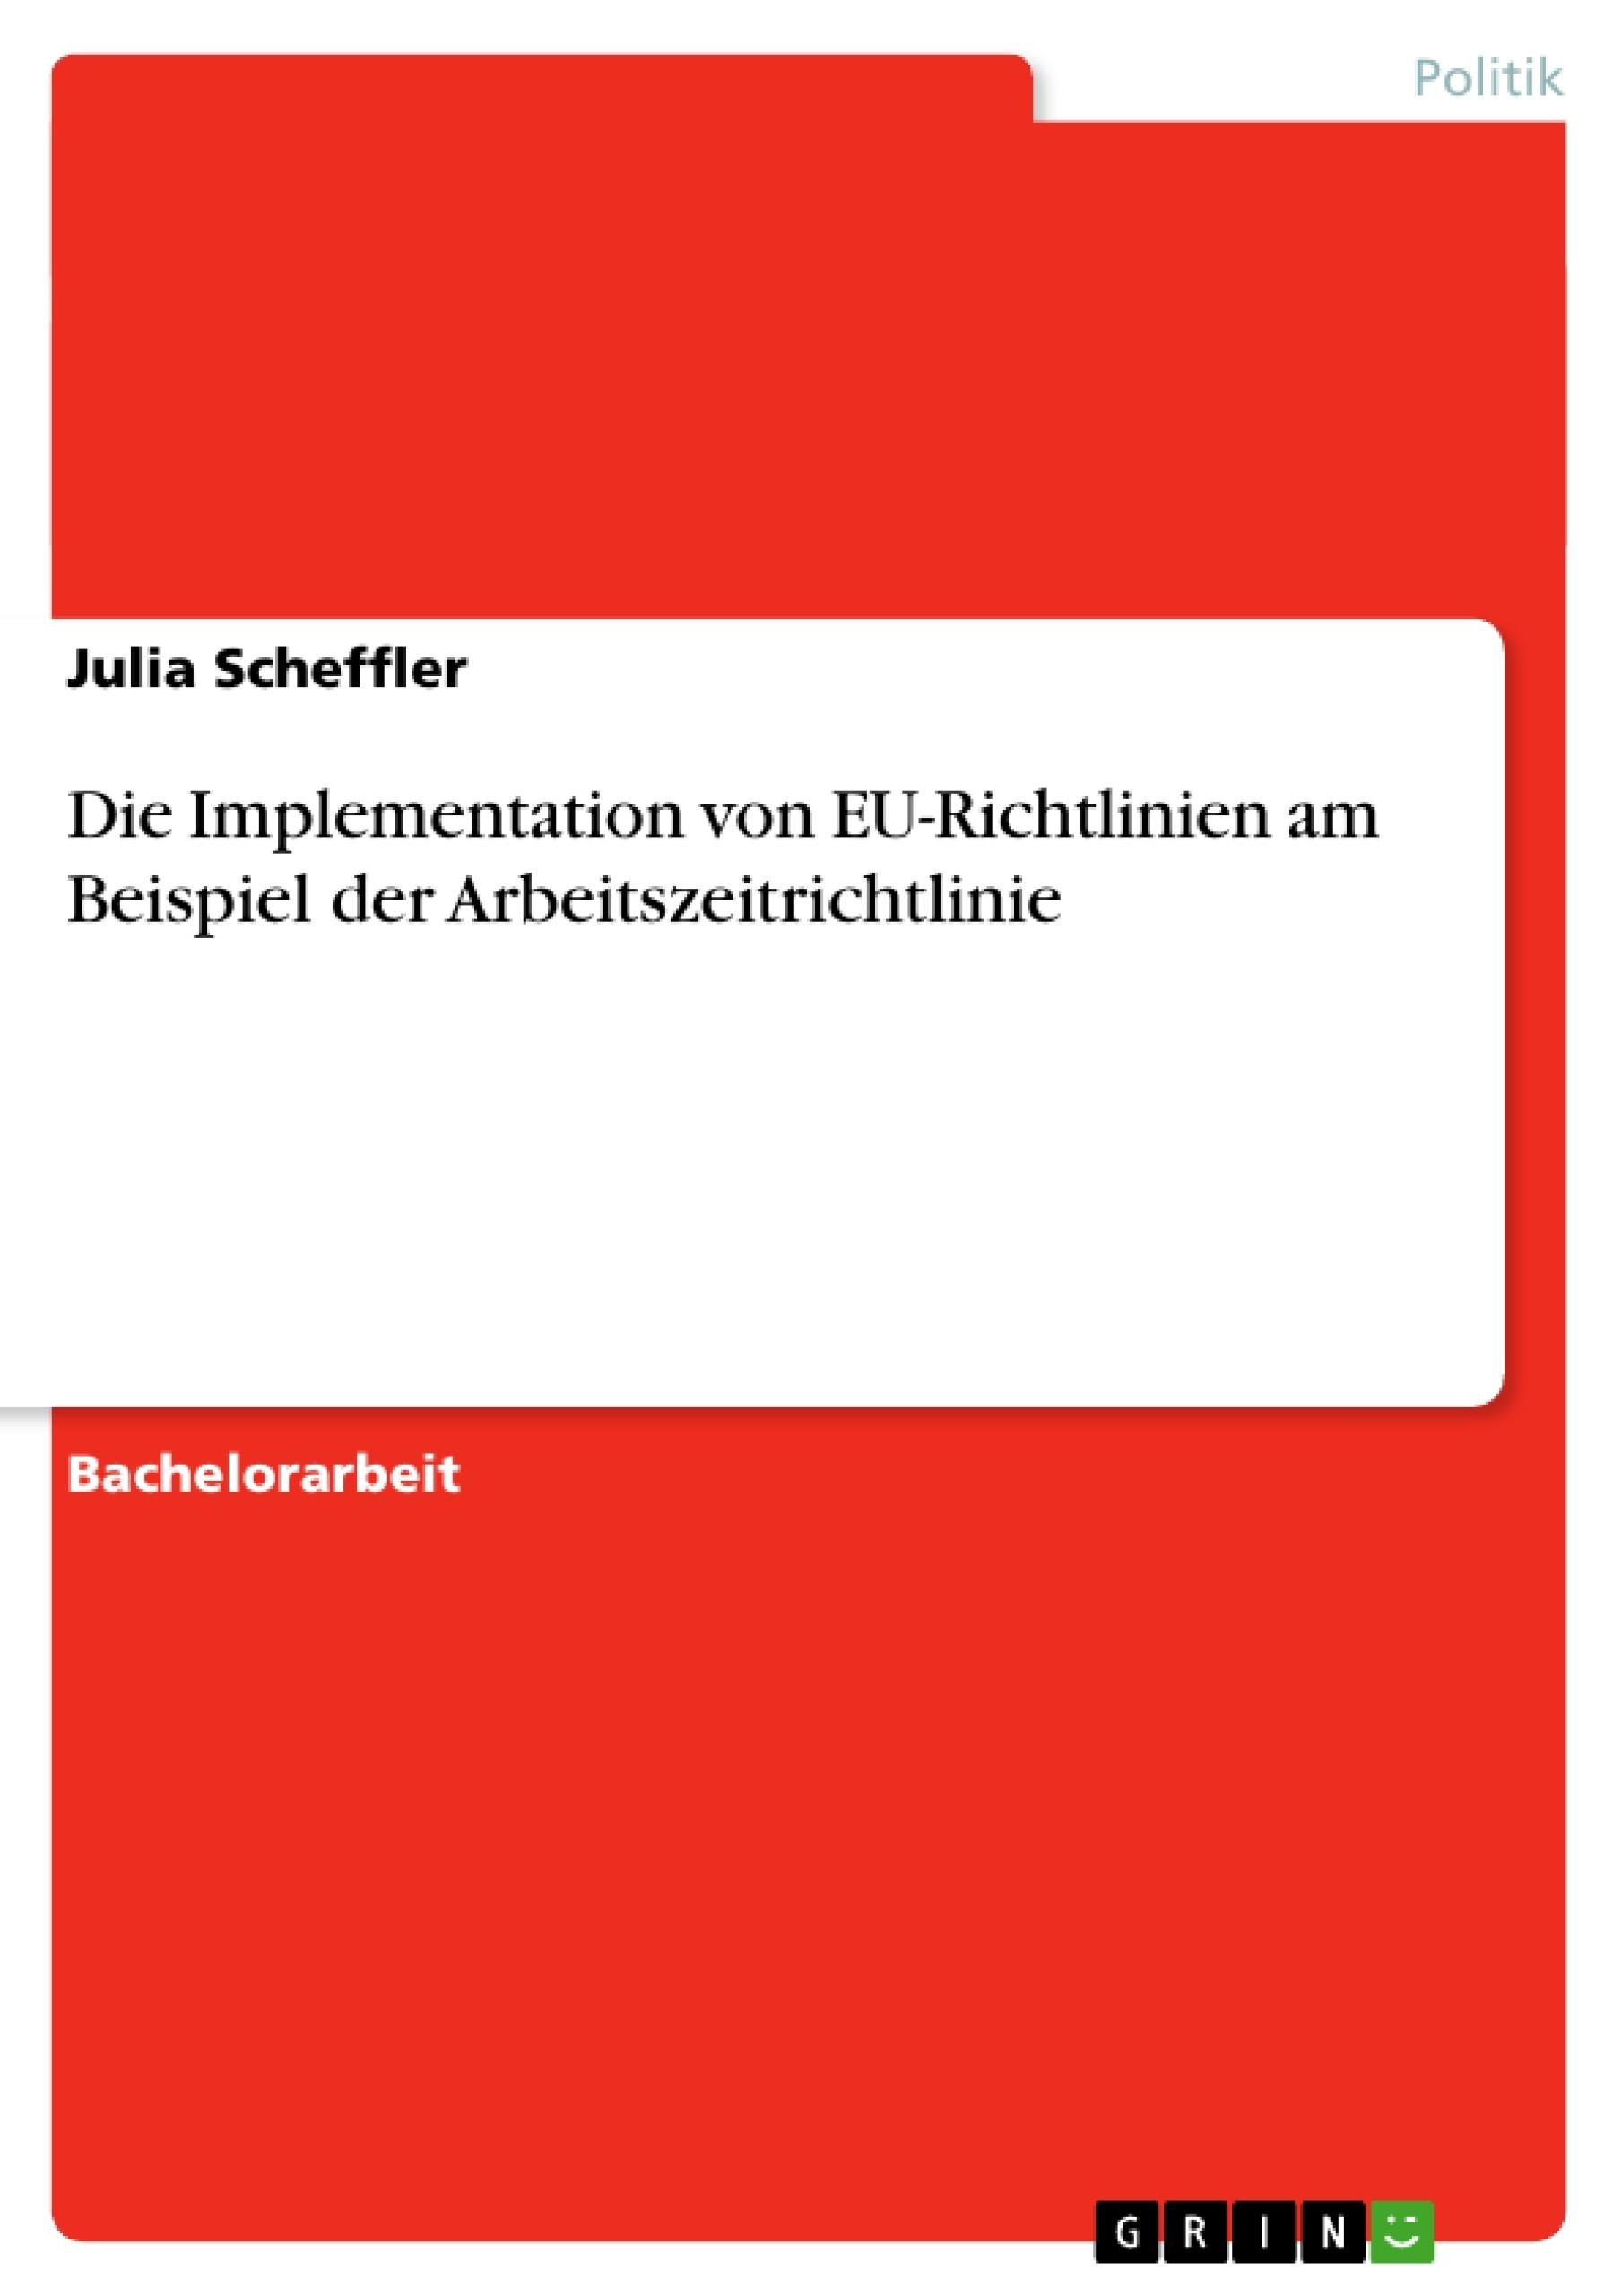 Titel: Die Implementation von EU-Richtlinien am Beispiel der Arbeitszeitrichtlinie